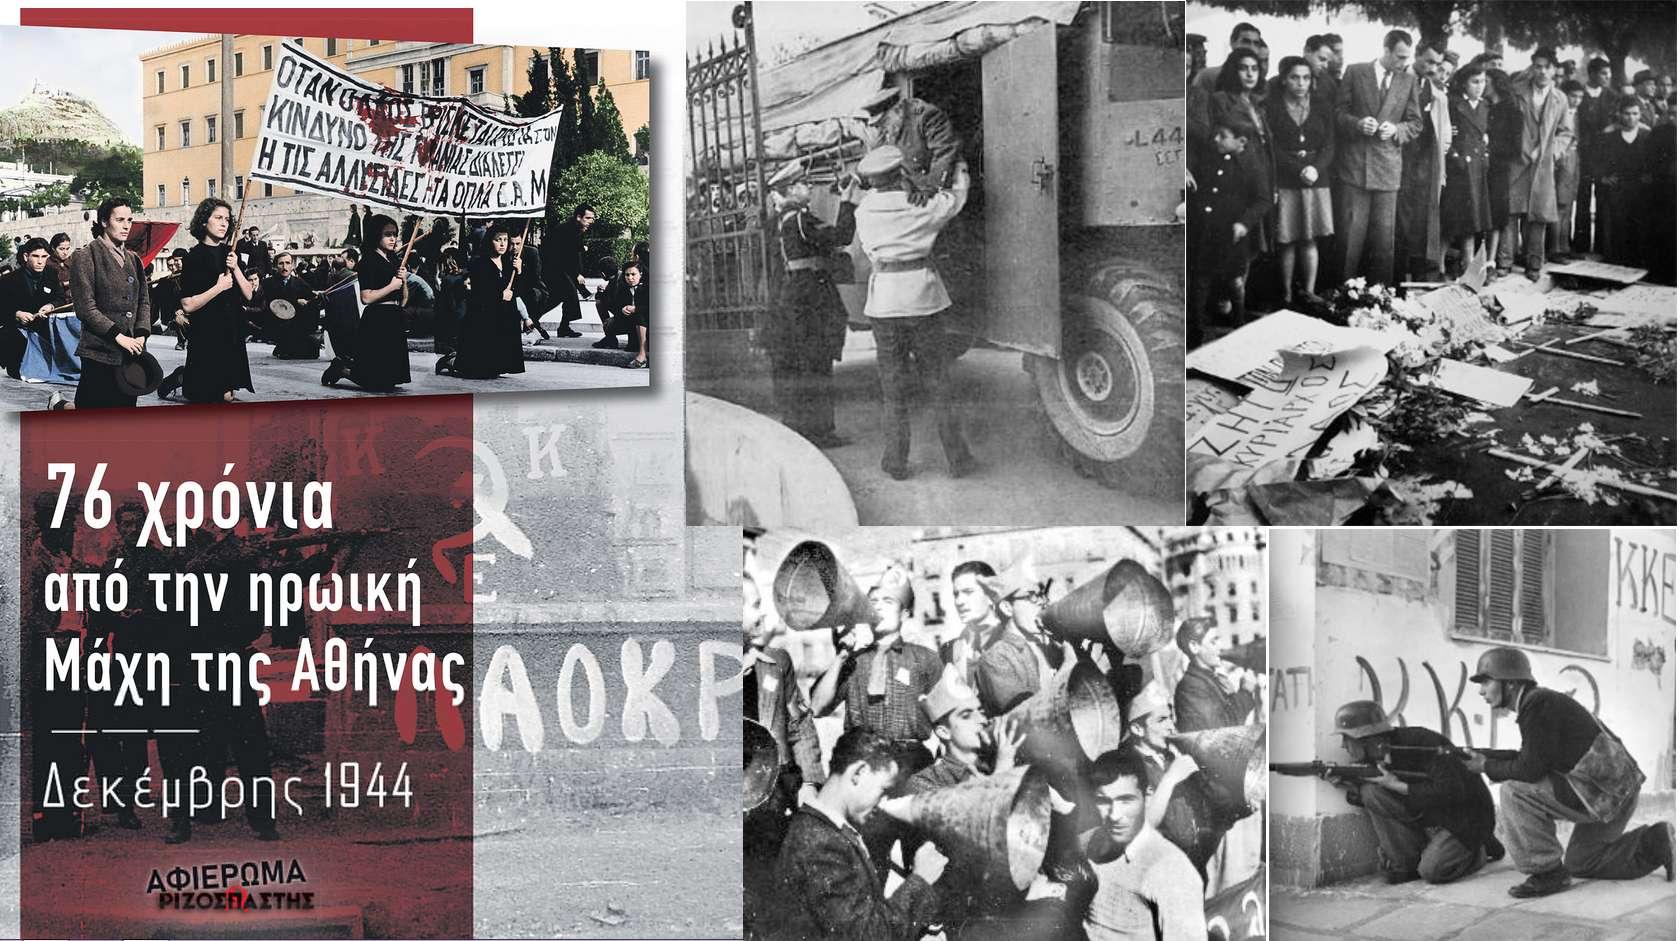 44 Δοκίμιο Ιστορίας ΚΚΕ Αφιέρωμα Ριζοσπάστης